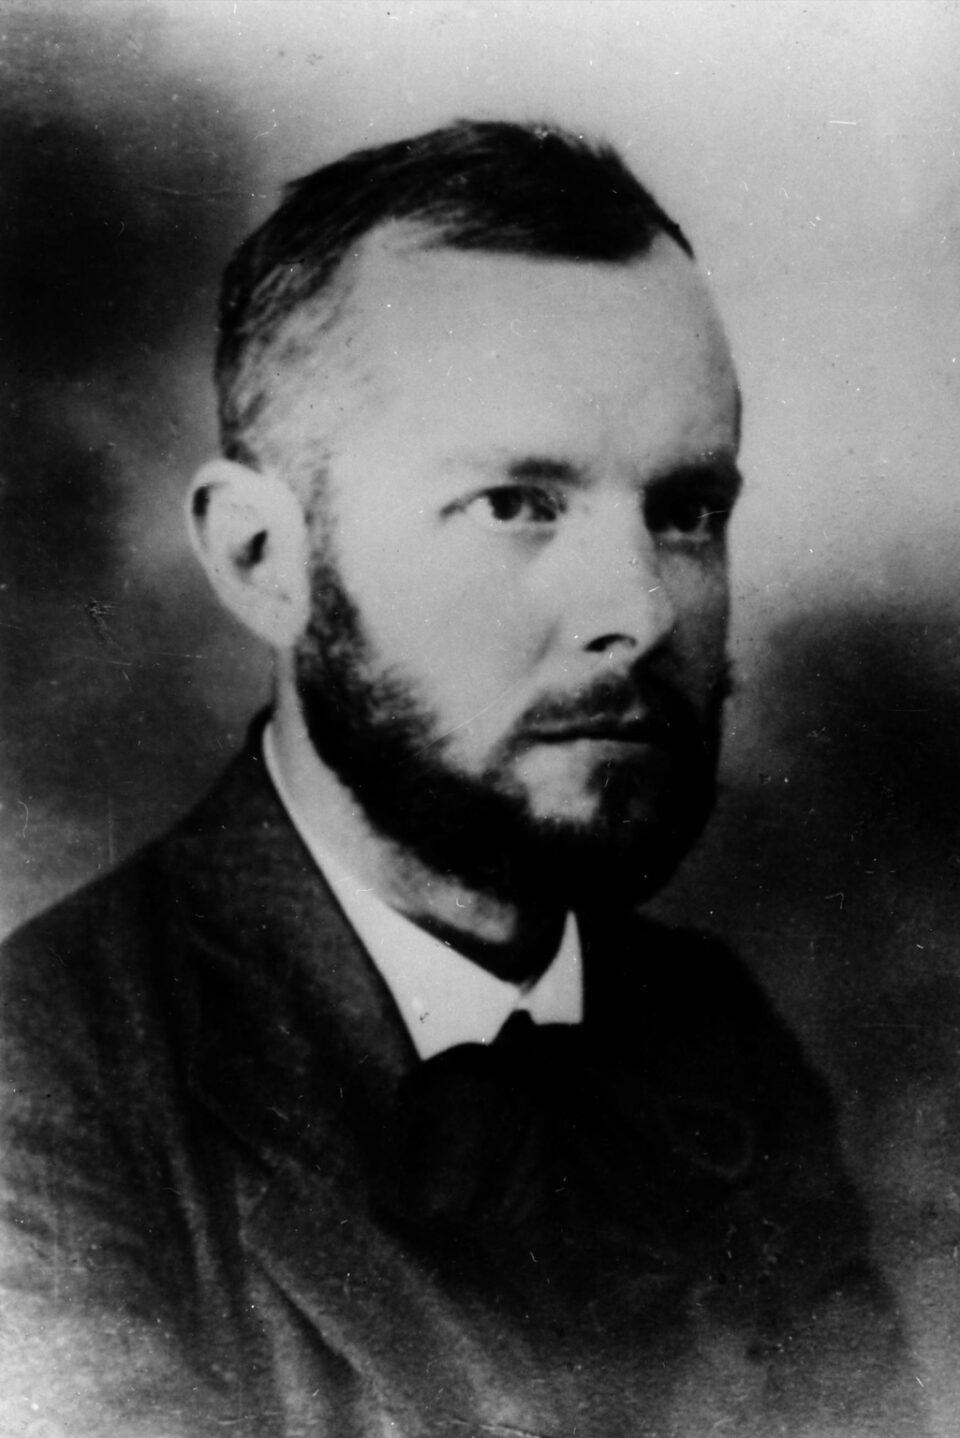 Béla Bartók (1881-1945): Quinteto para Piano / Quarteto Nº 1 (Tátrai / Szabó) #BRTK140 Vol. 7 de 29